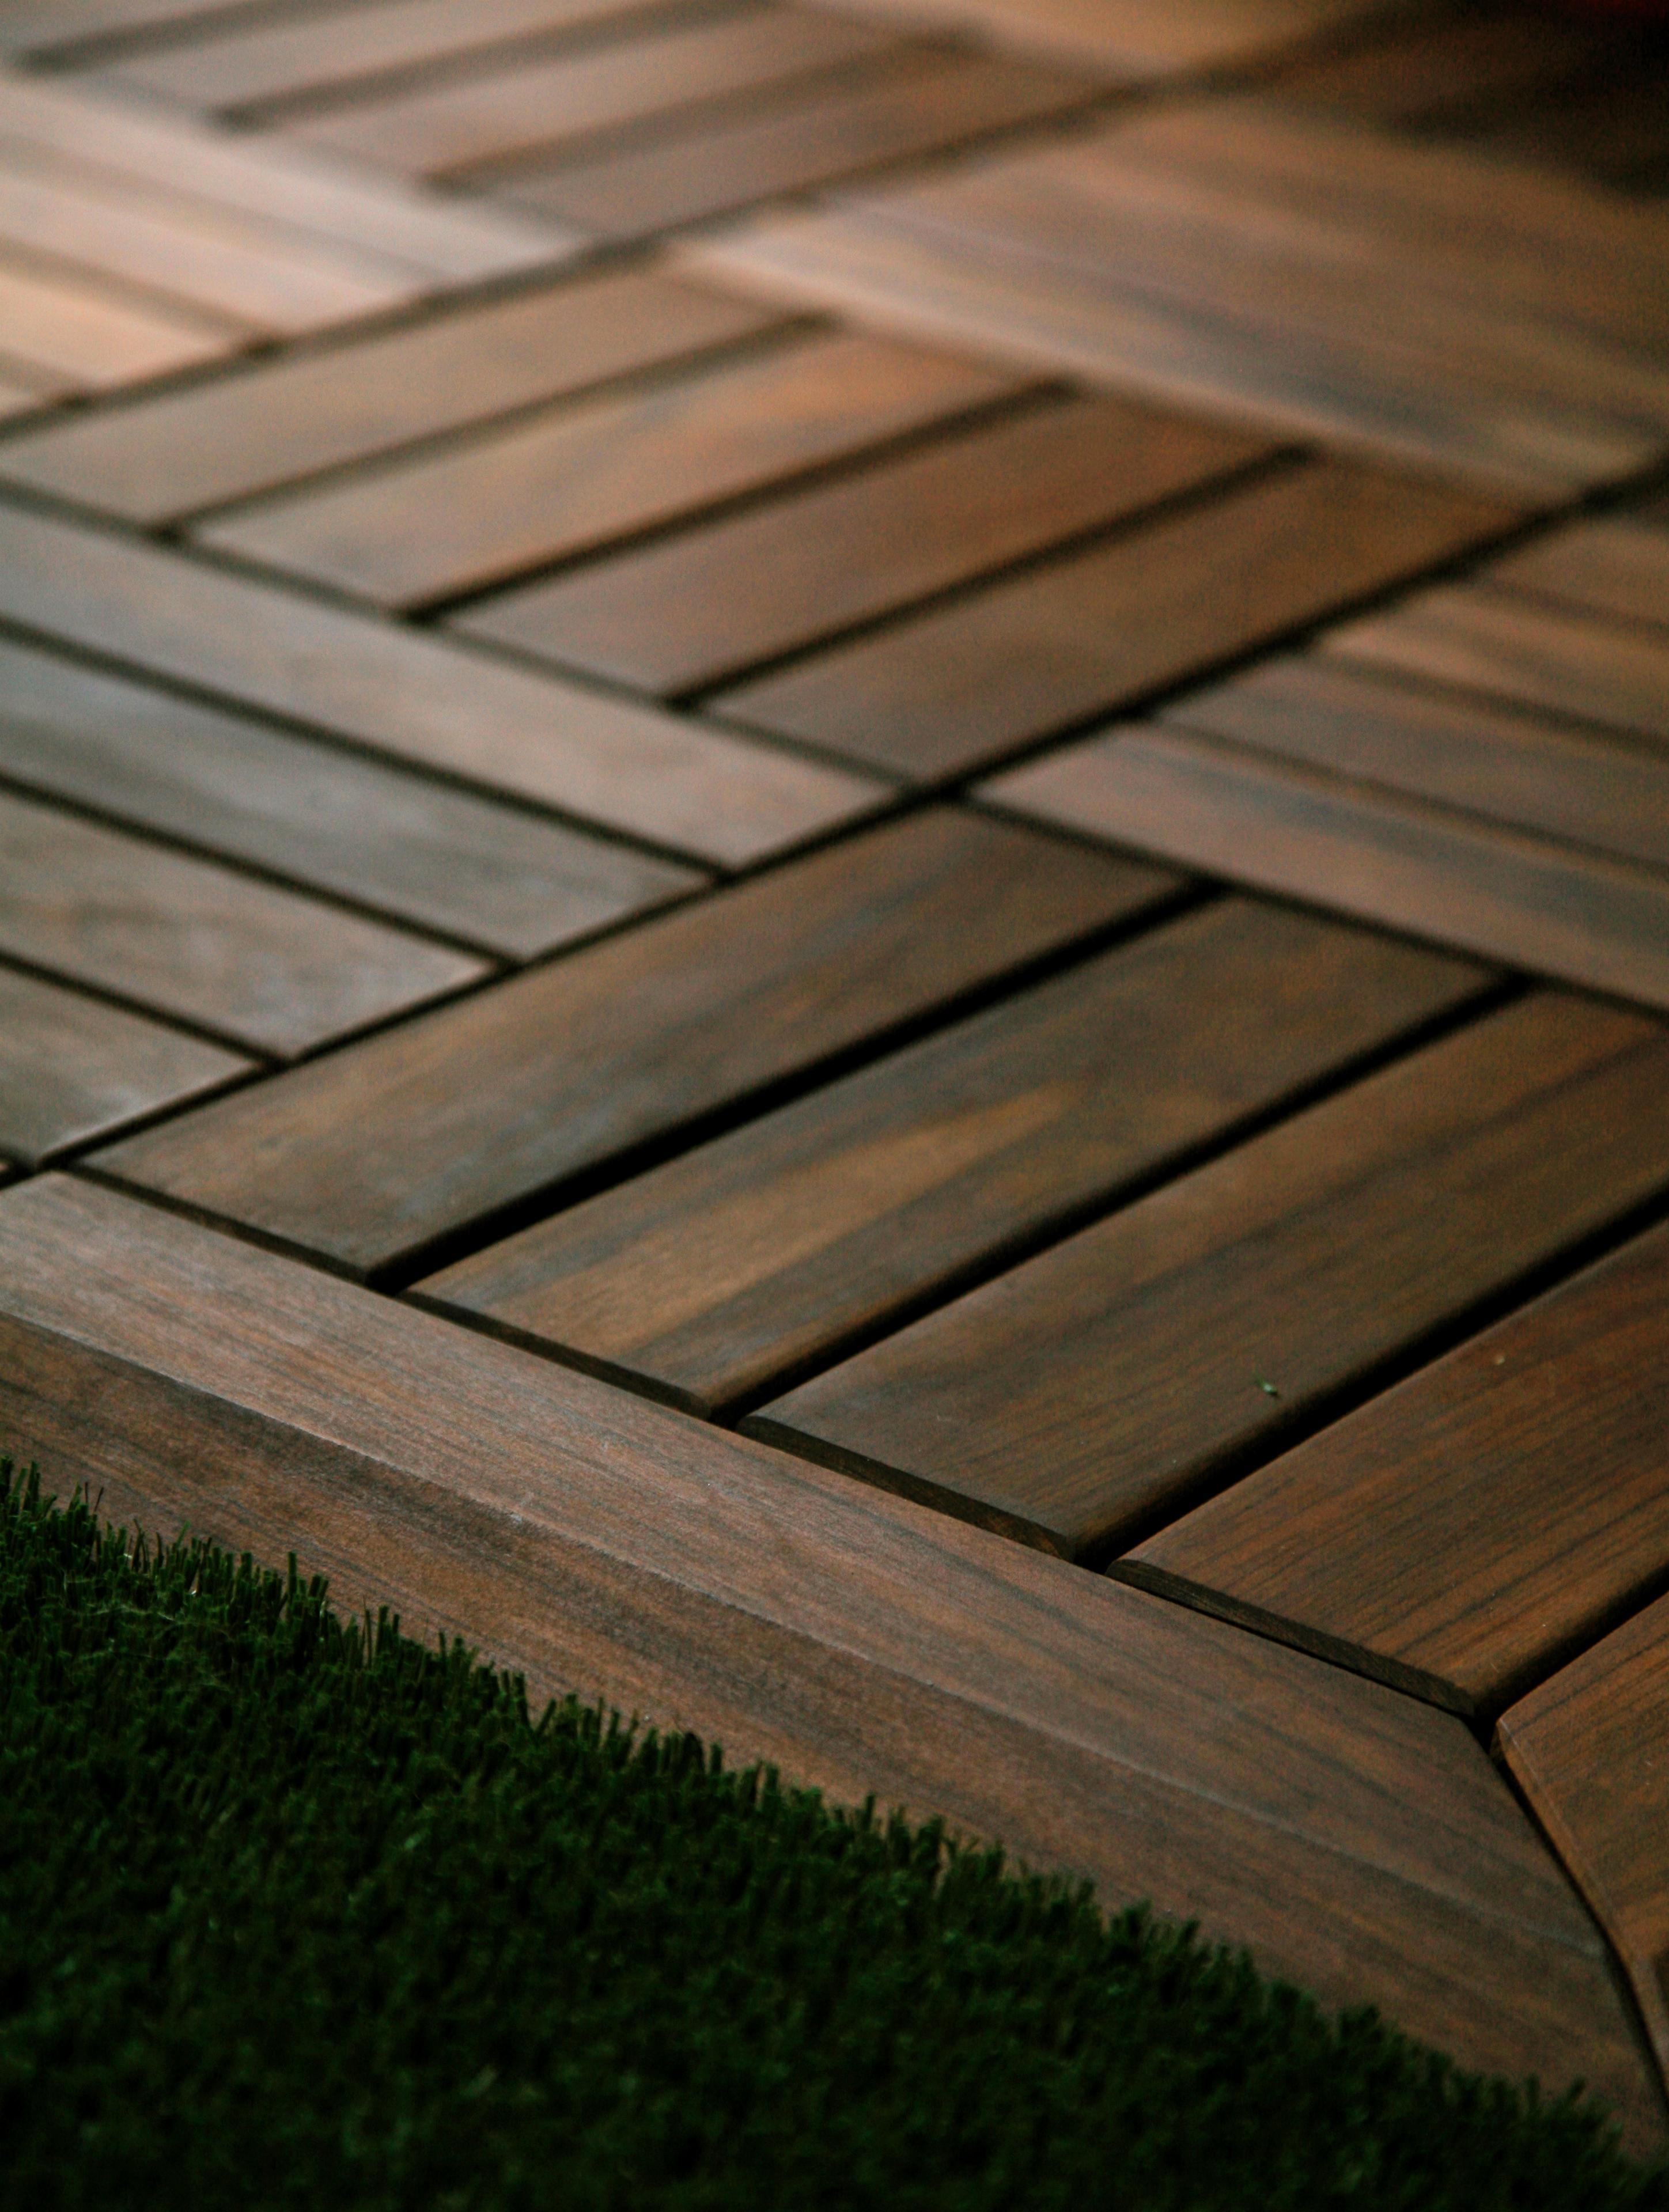 南美洲蚁木, 花园铺路木砖图片